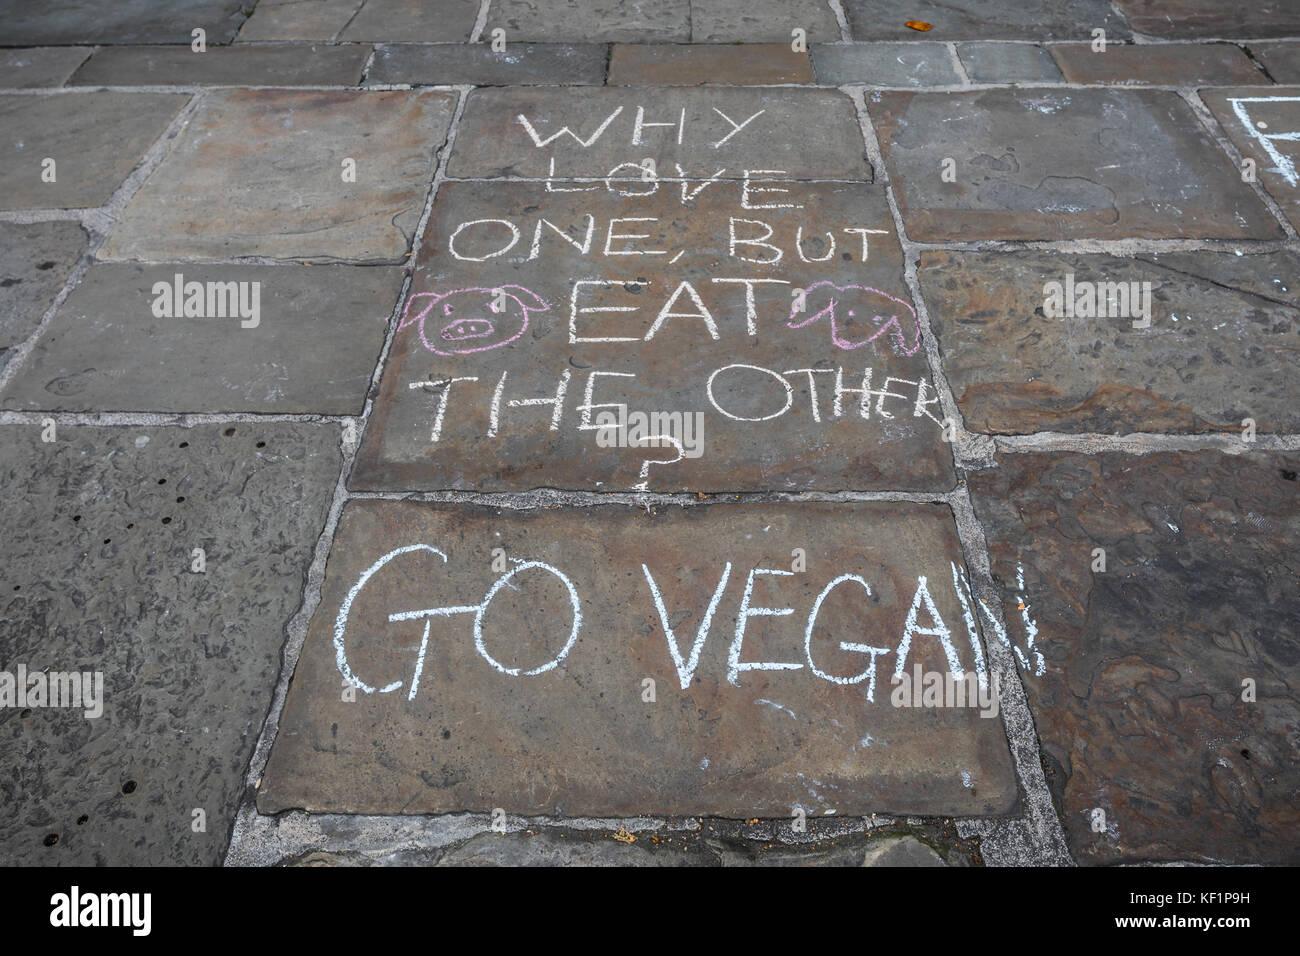 Klicken Sie vegan Graffiti Stockbild